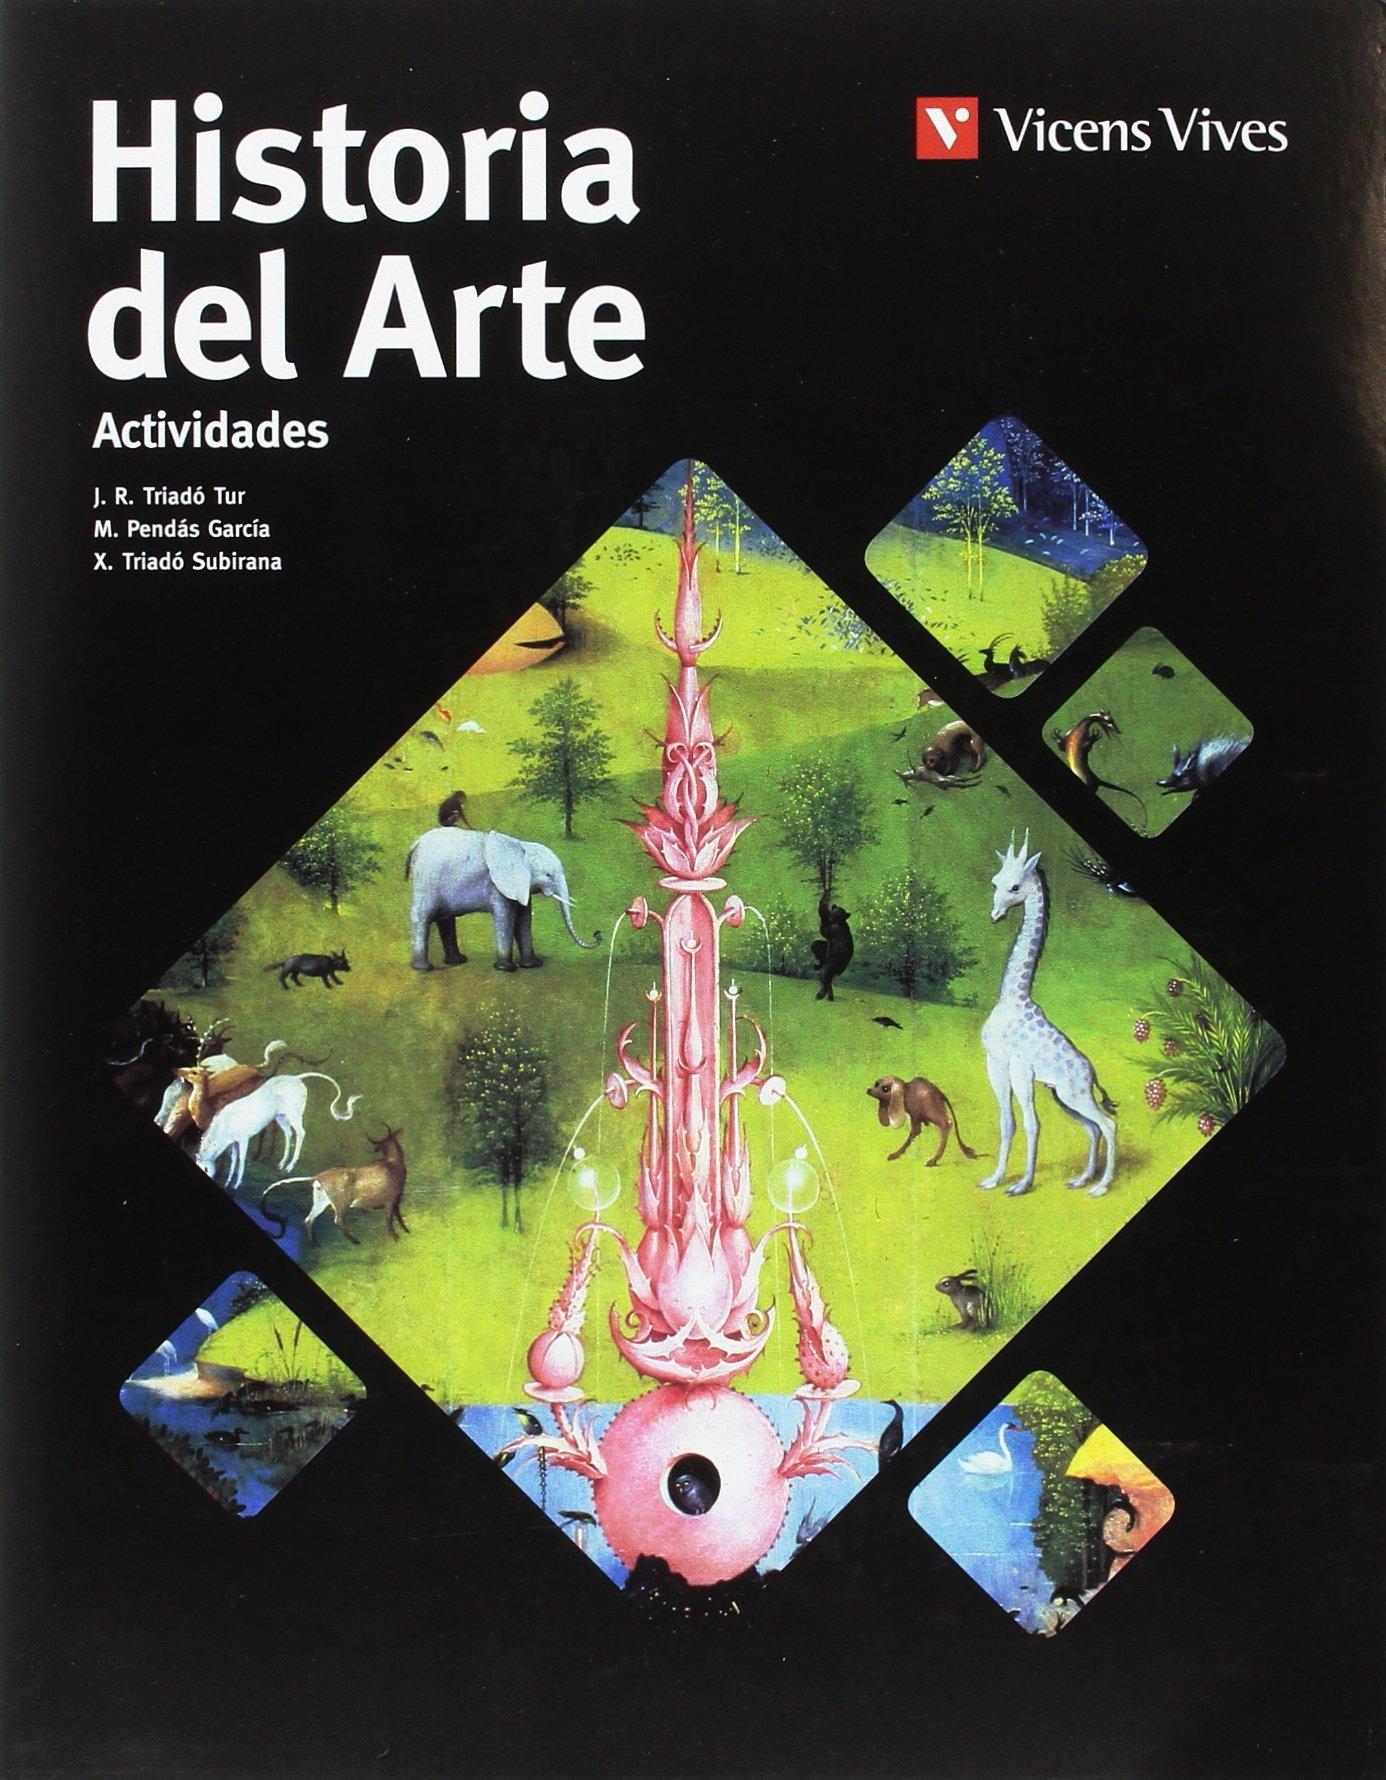 Historia del Arte. Actividades: Amazon.es: J. R. Triadó, M. Pendás, X. Triadó.: Libros